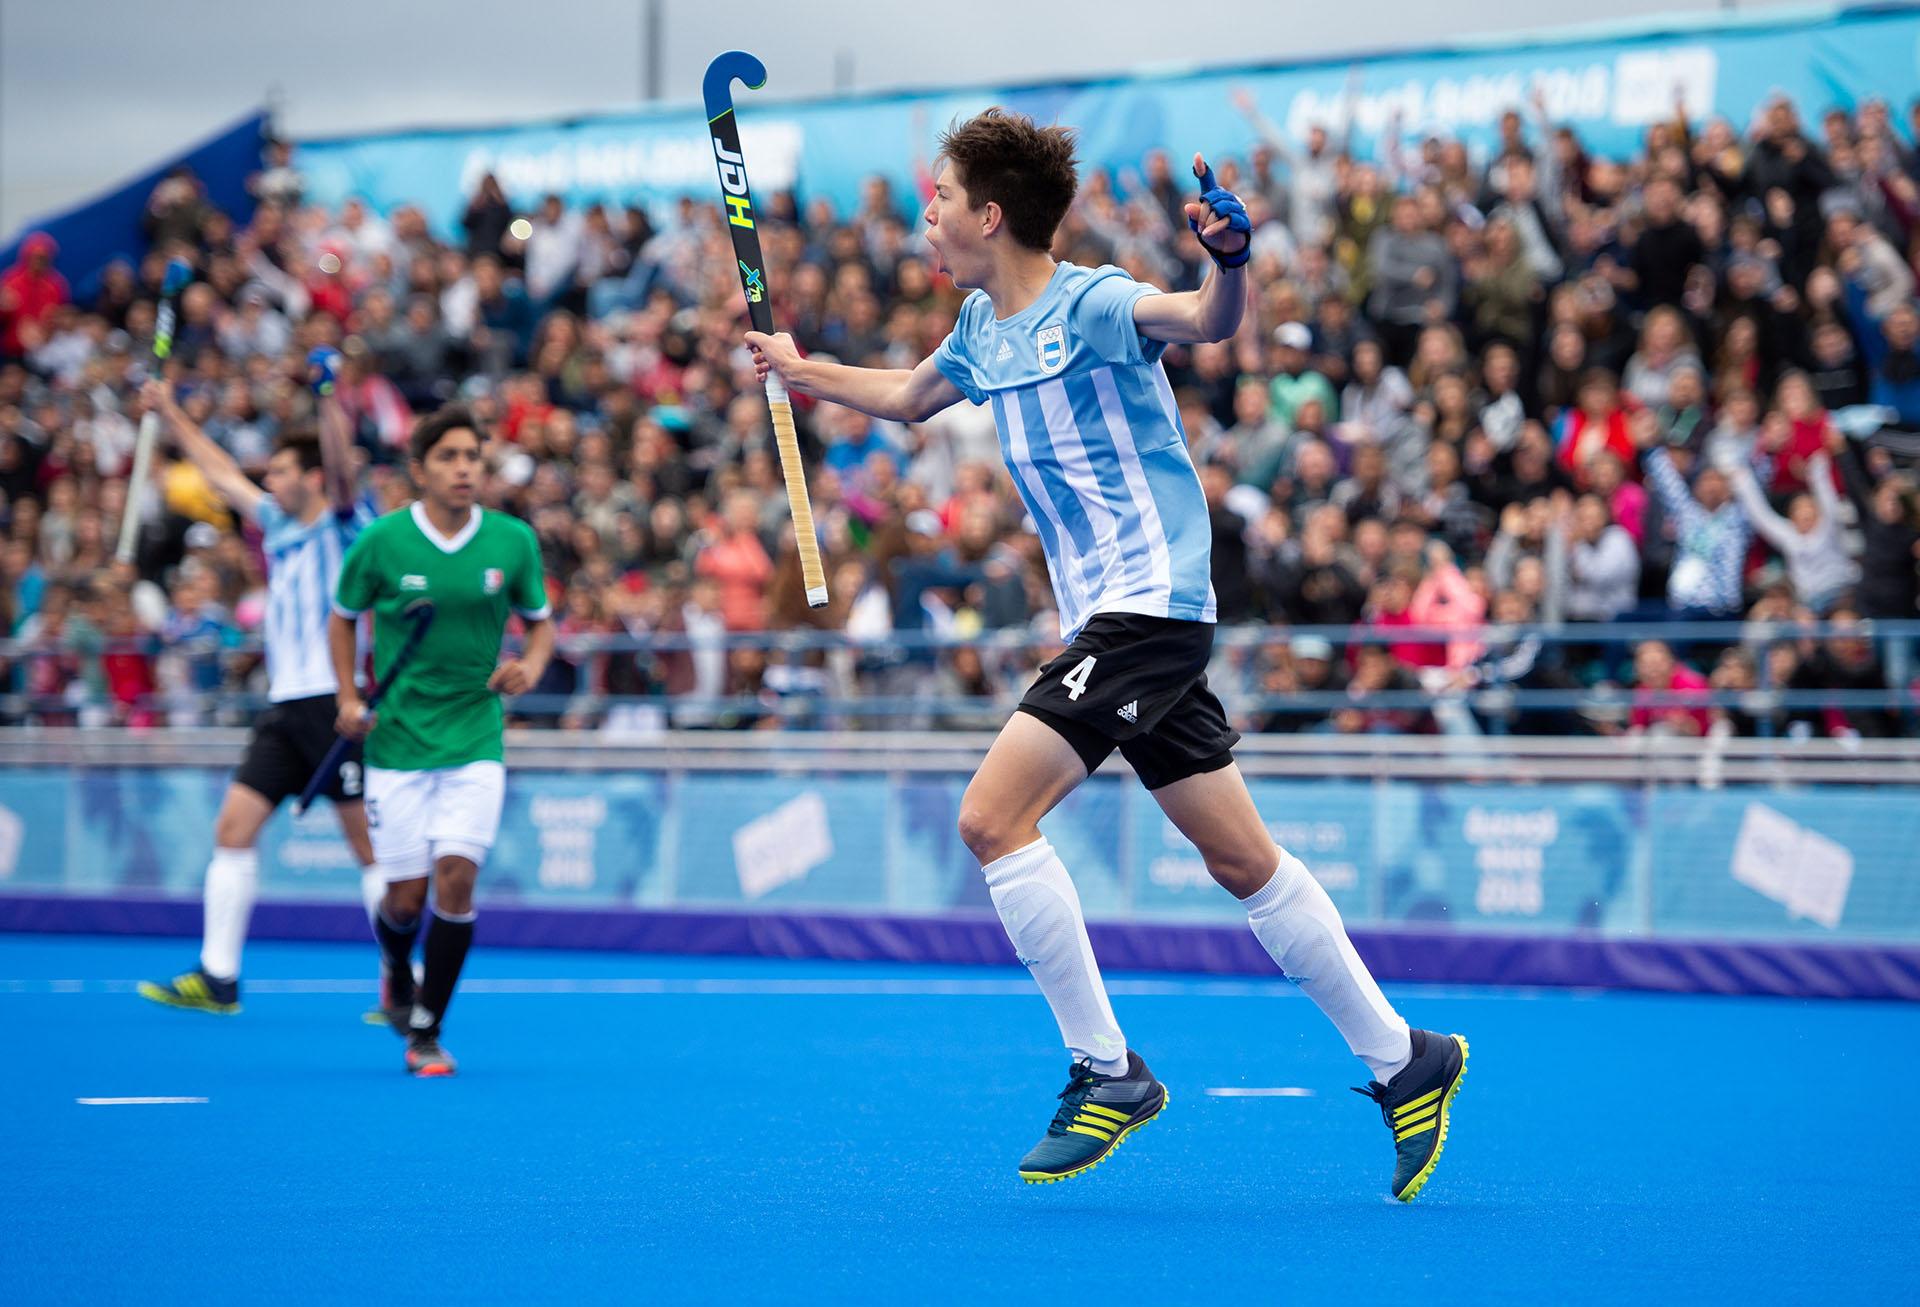 Gaspar Garrone anota el primer gol de los Leoncitos ante México, en el duelo de hockey 5